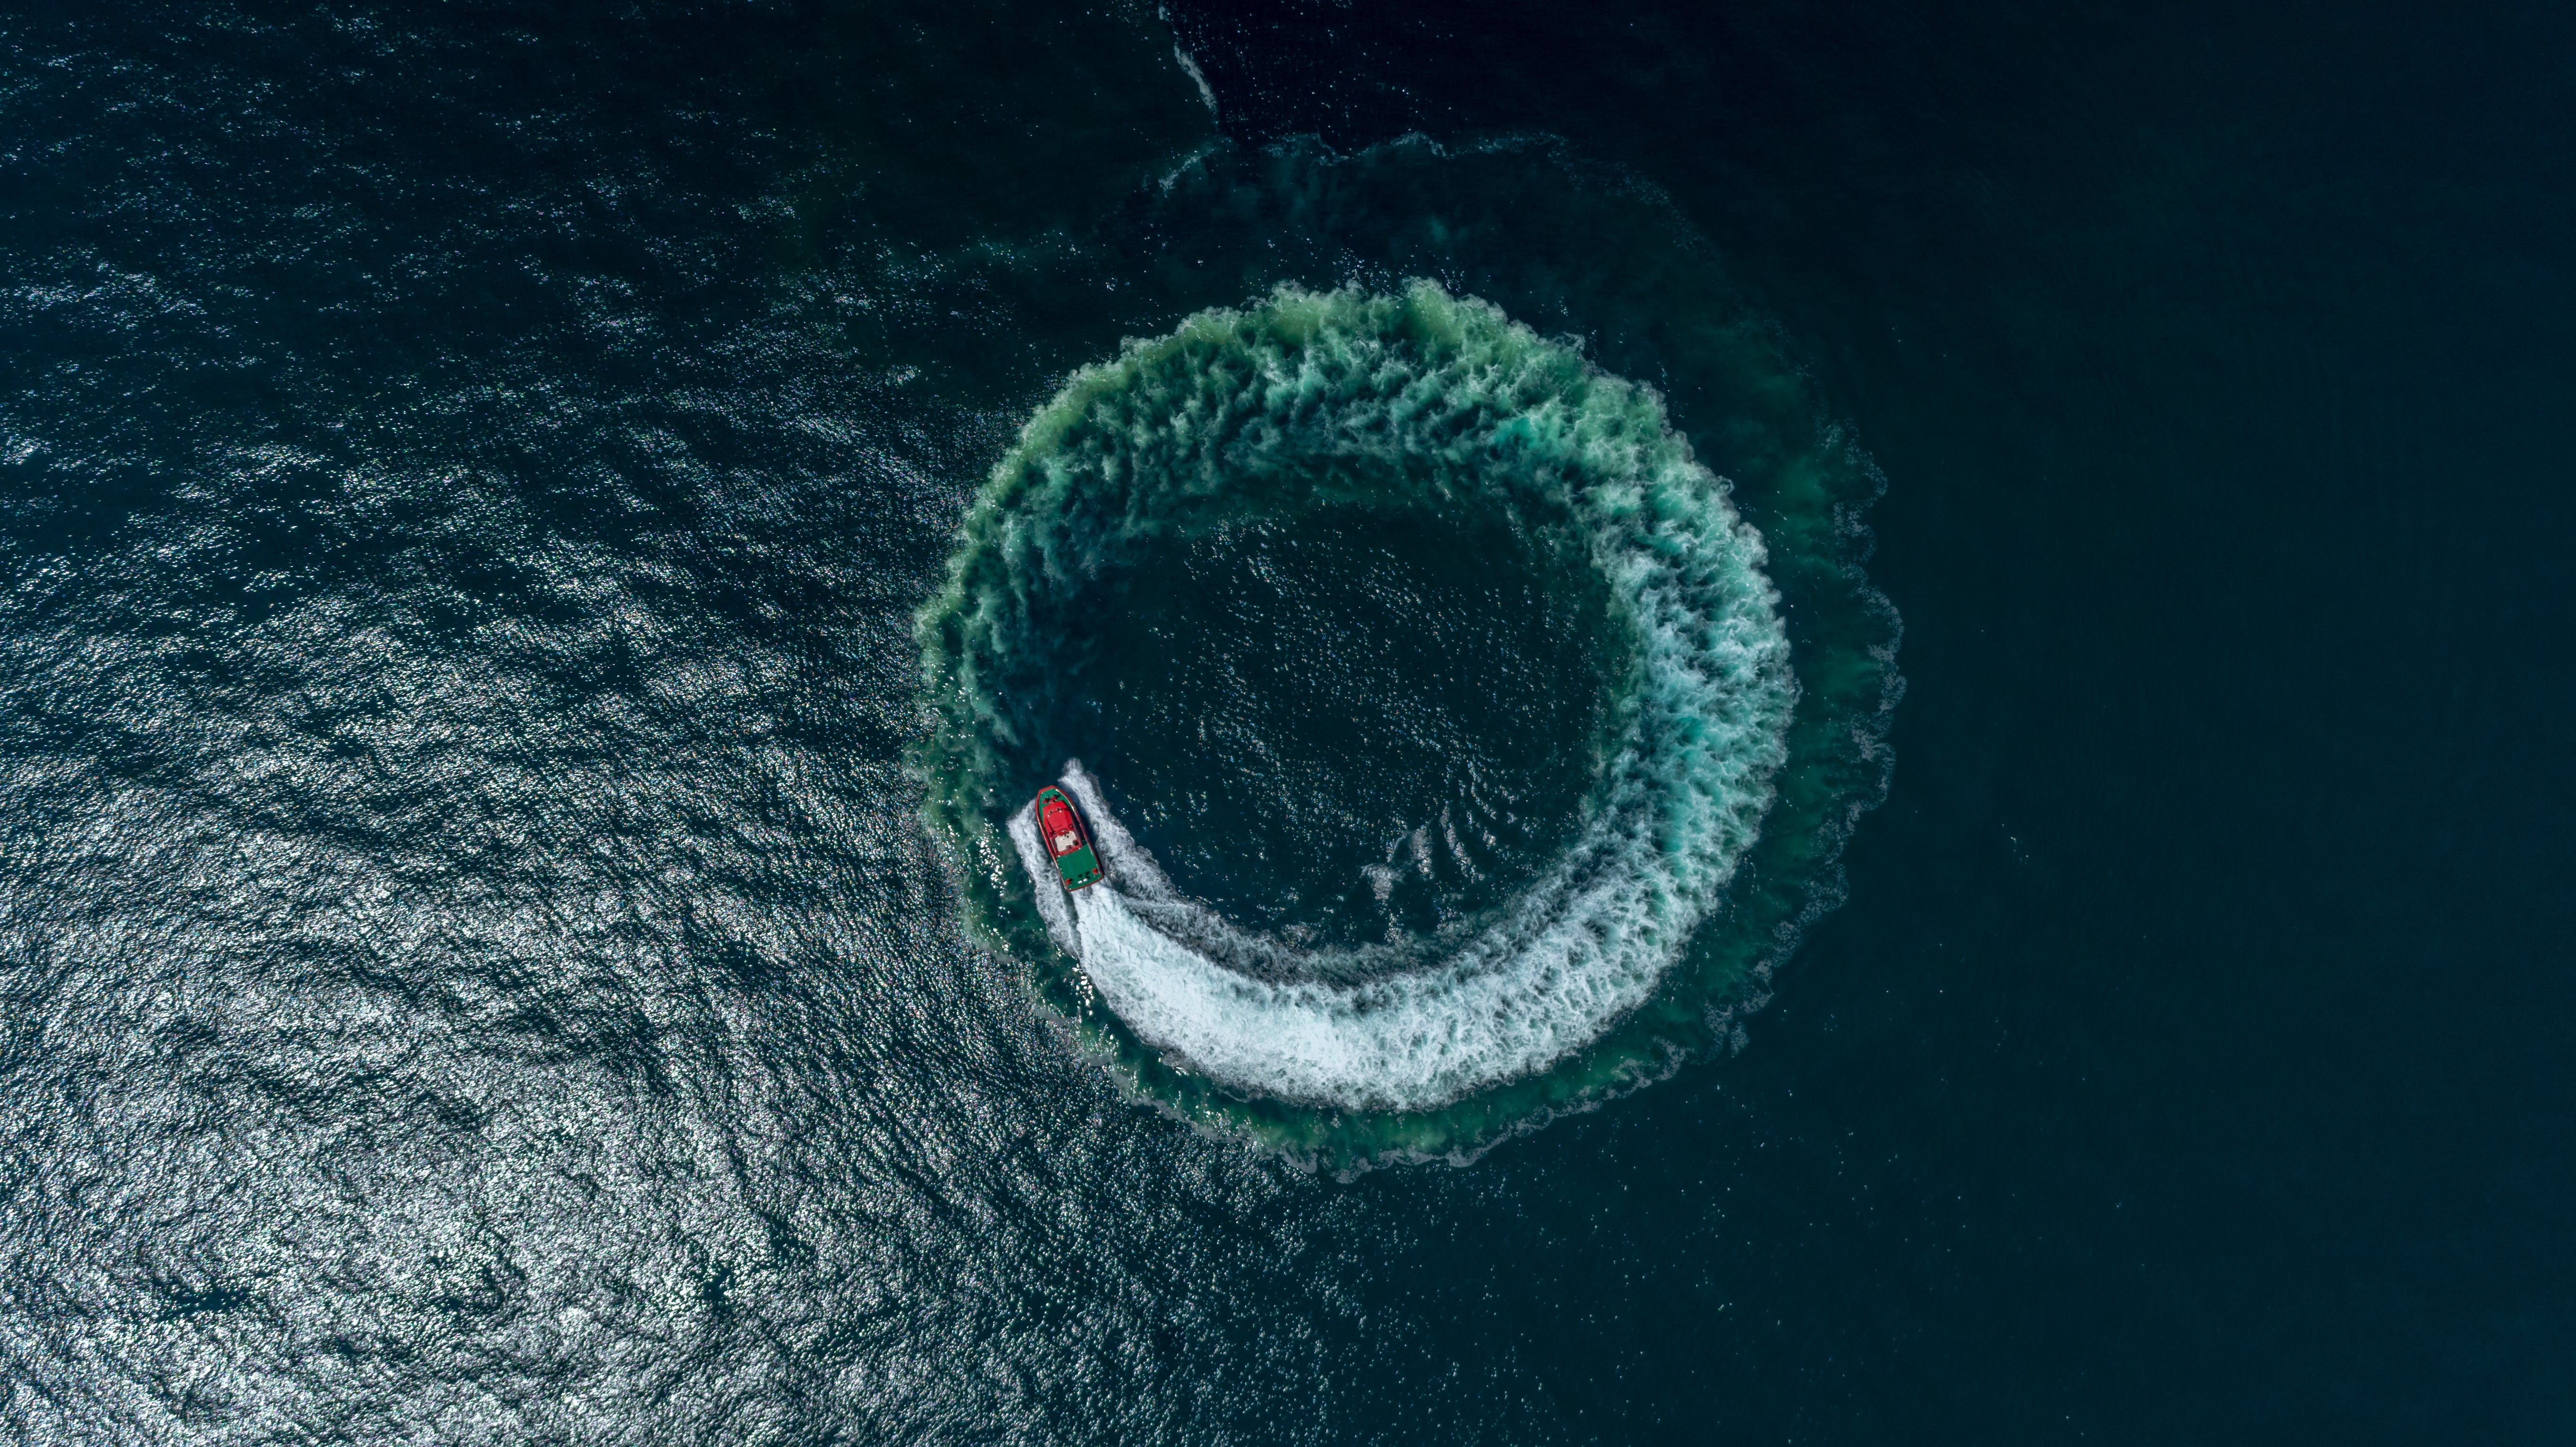 上から, 日光, 水, 海の無料の写真素材